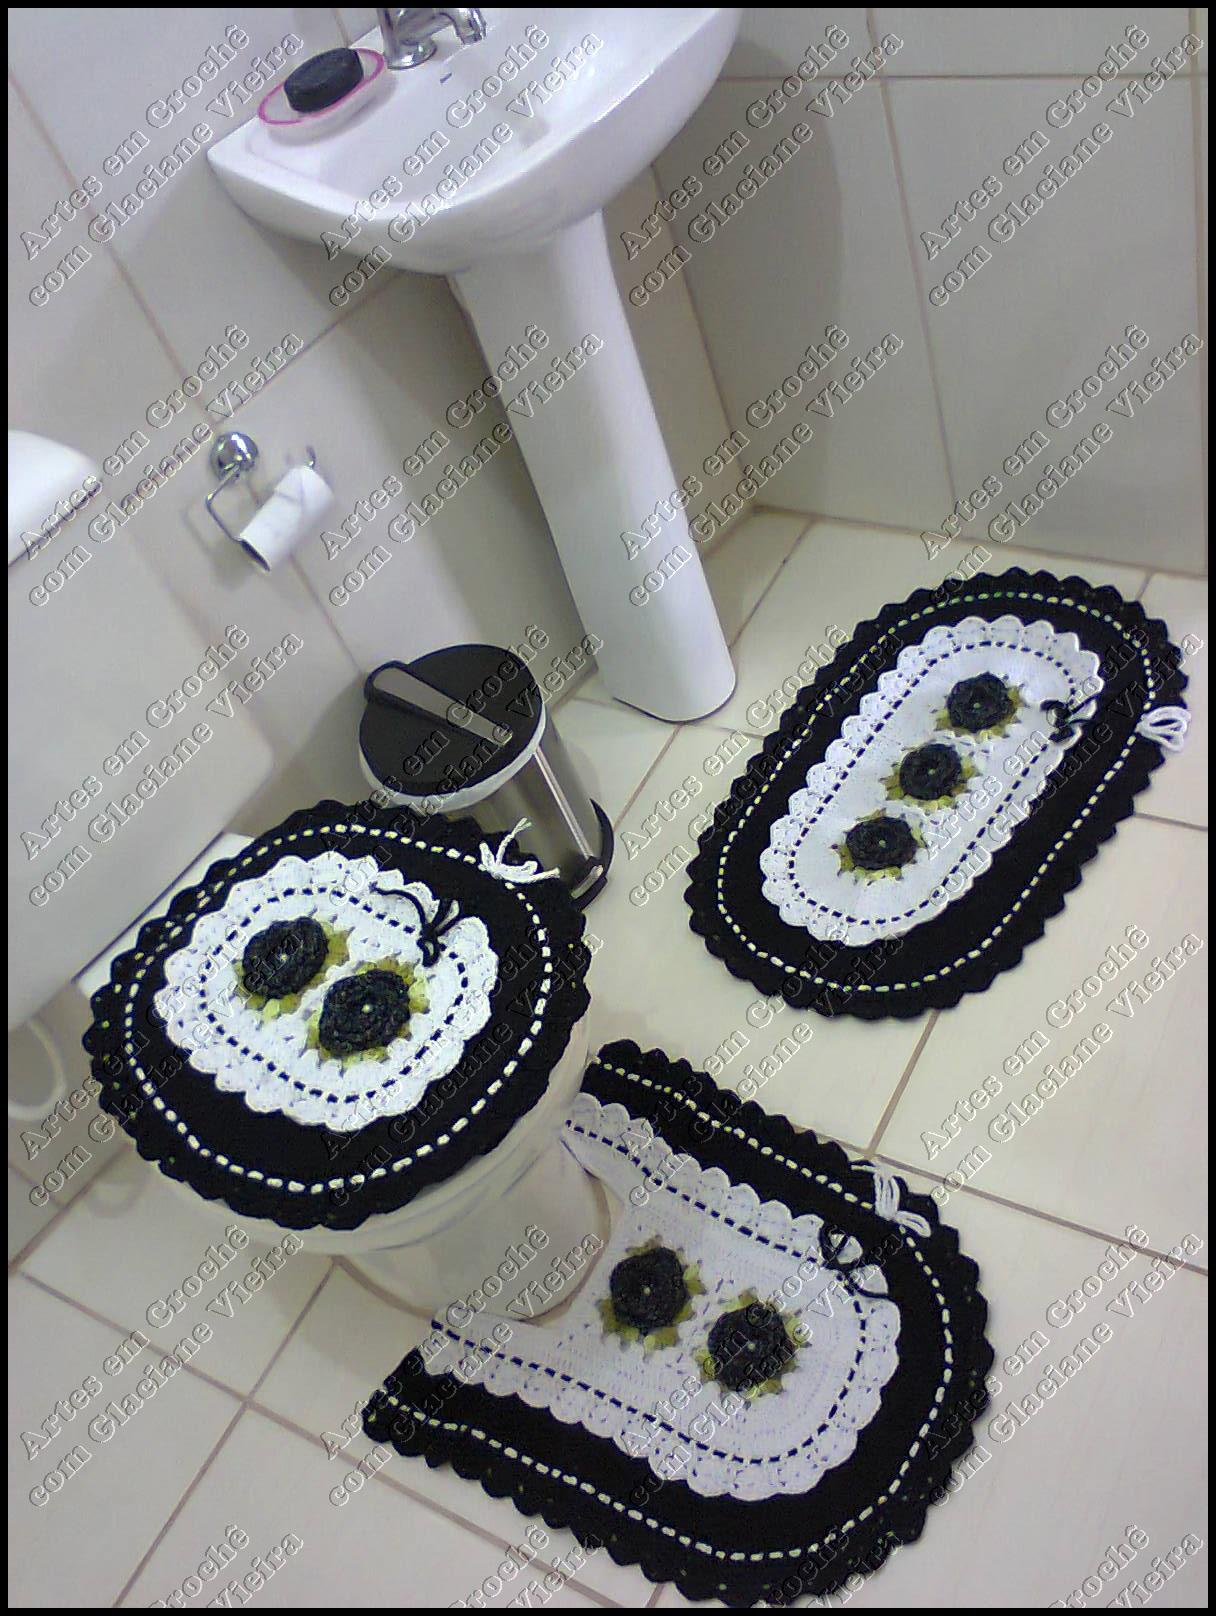 Preto e Branco Jogo de Banheiro Preto e Branco Jogo de Banheiro Preto  #414364 1216 1616